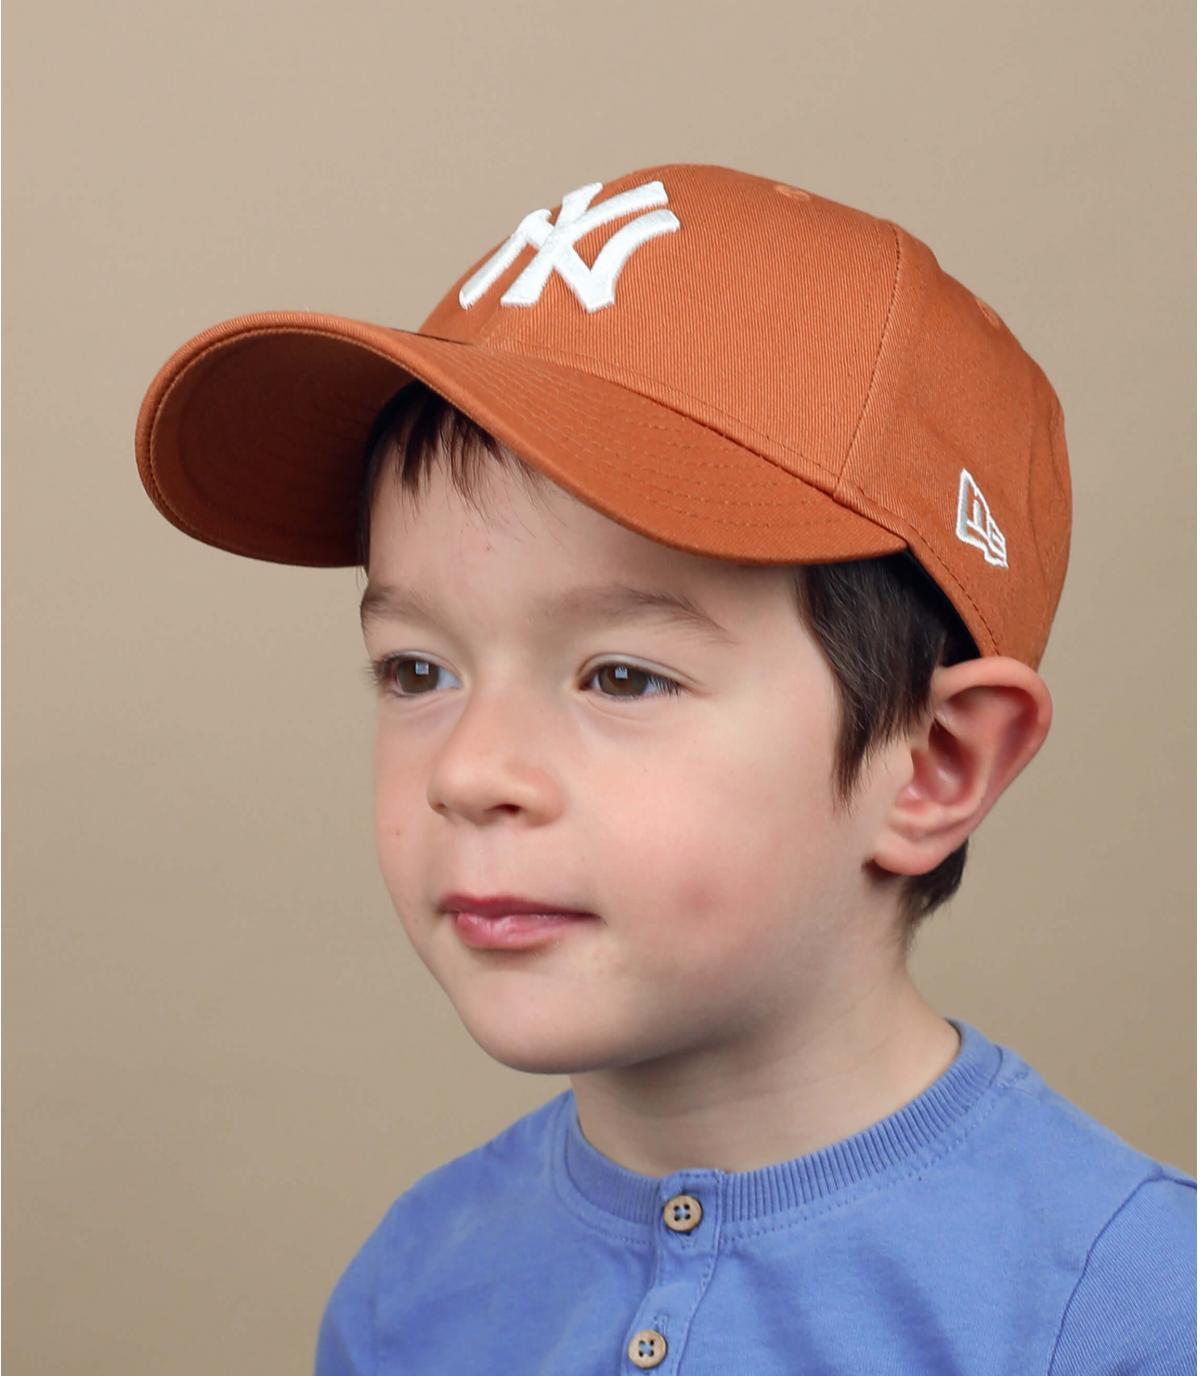 NY child cap beige